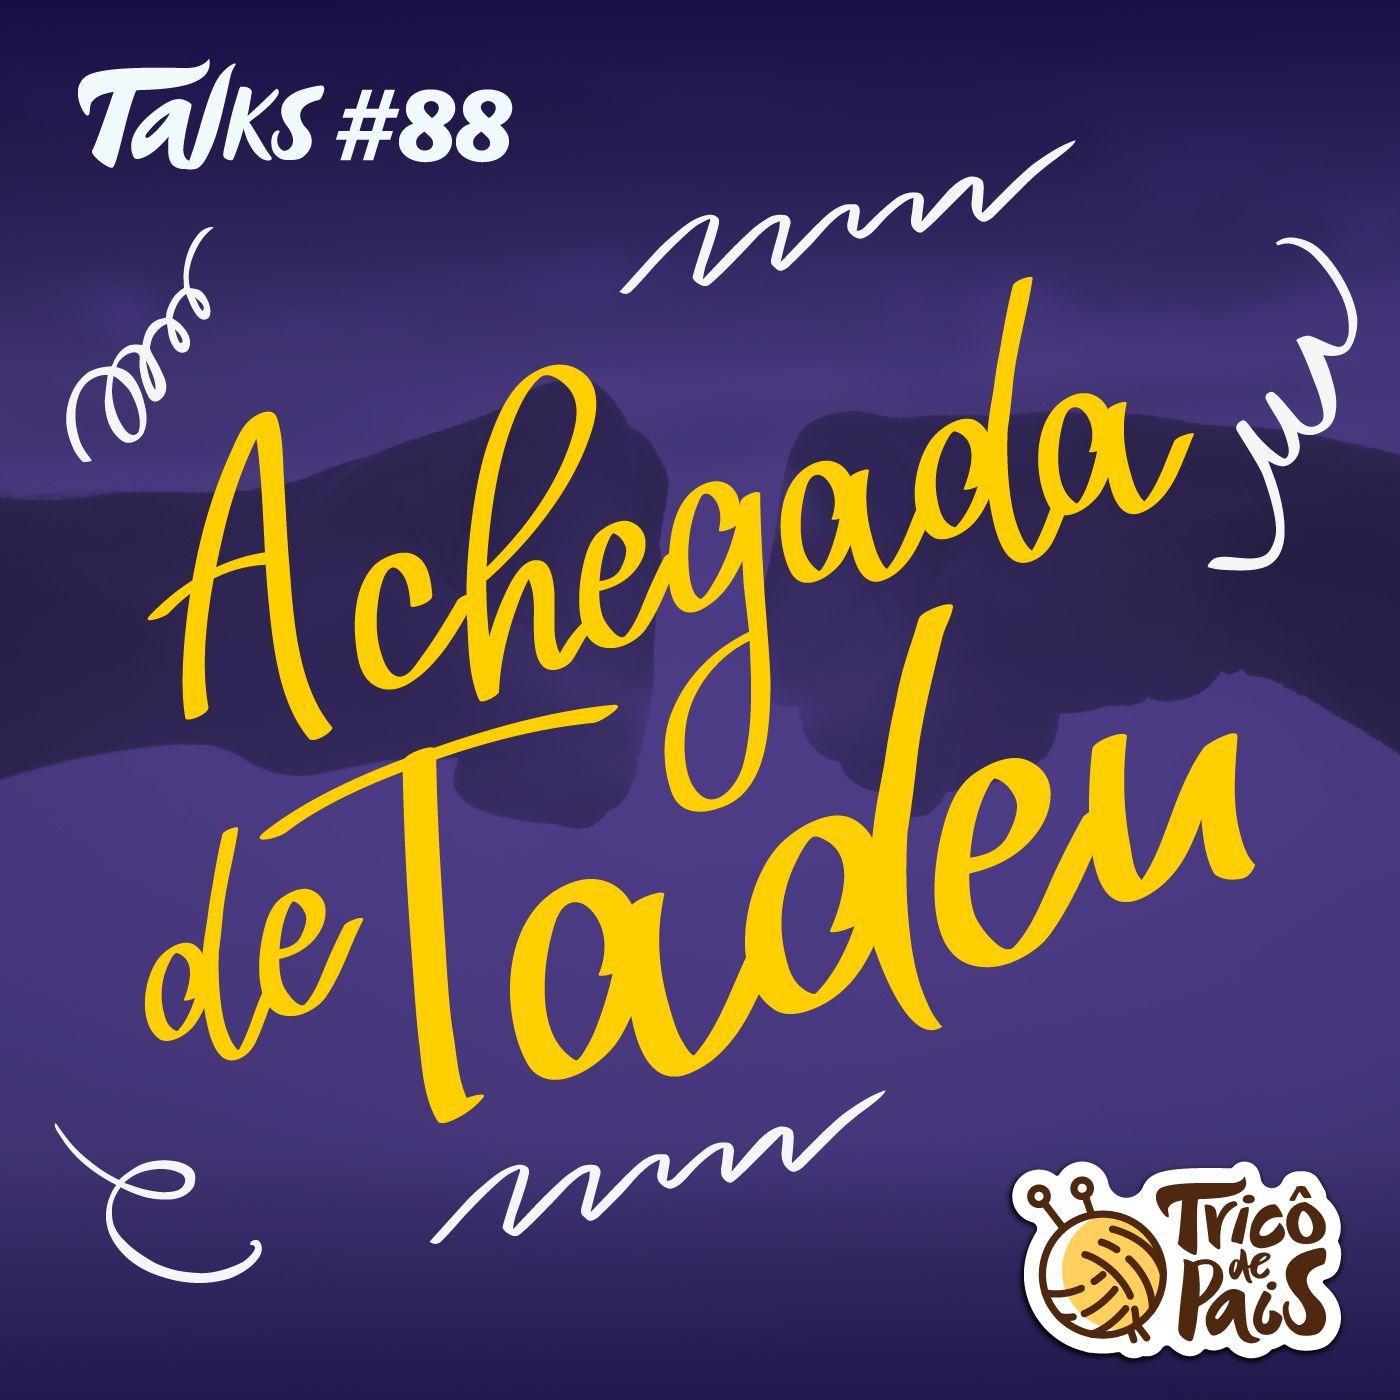 Tricô Talks 088 - A Chegada do Tadeu